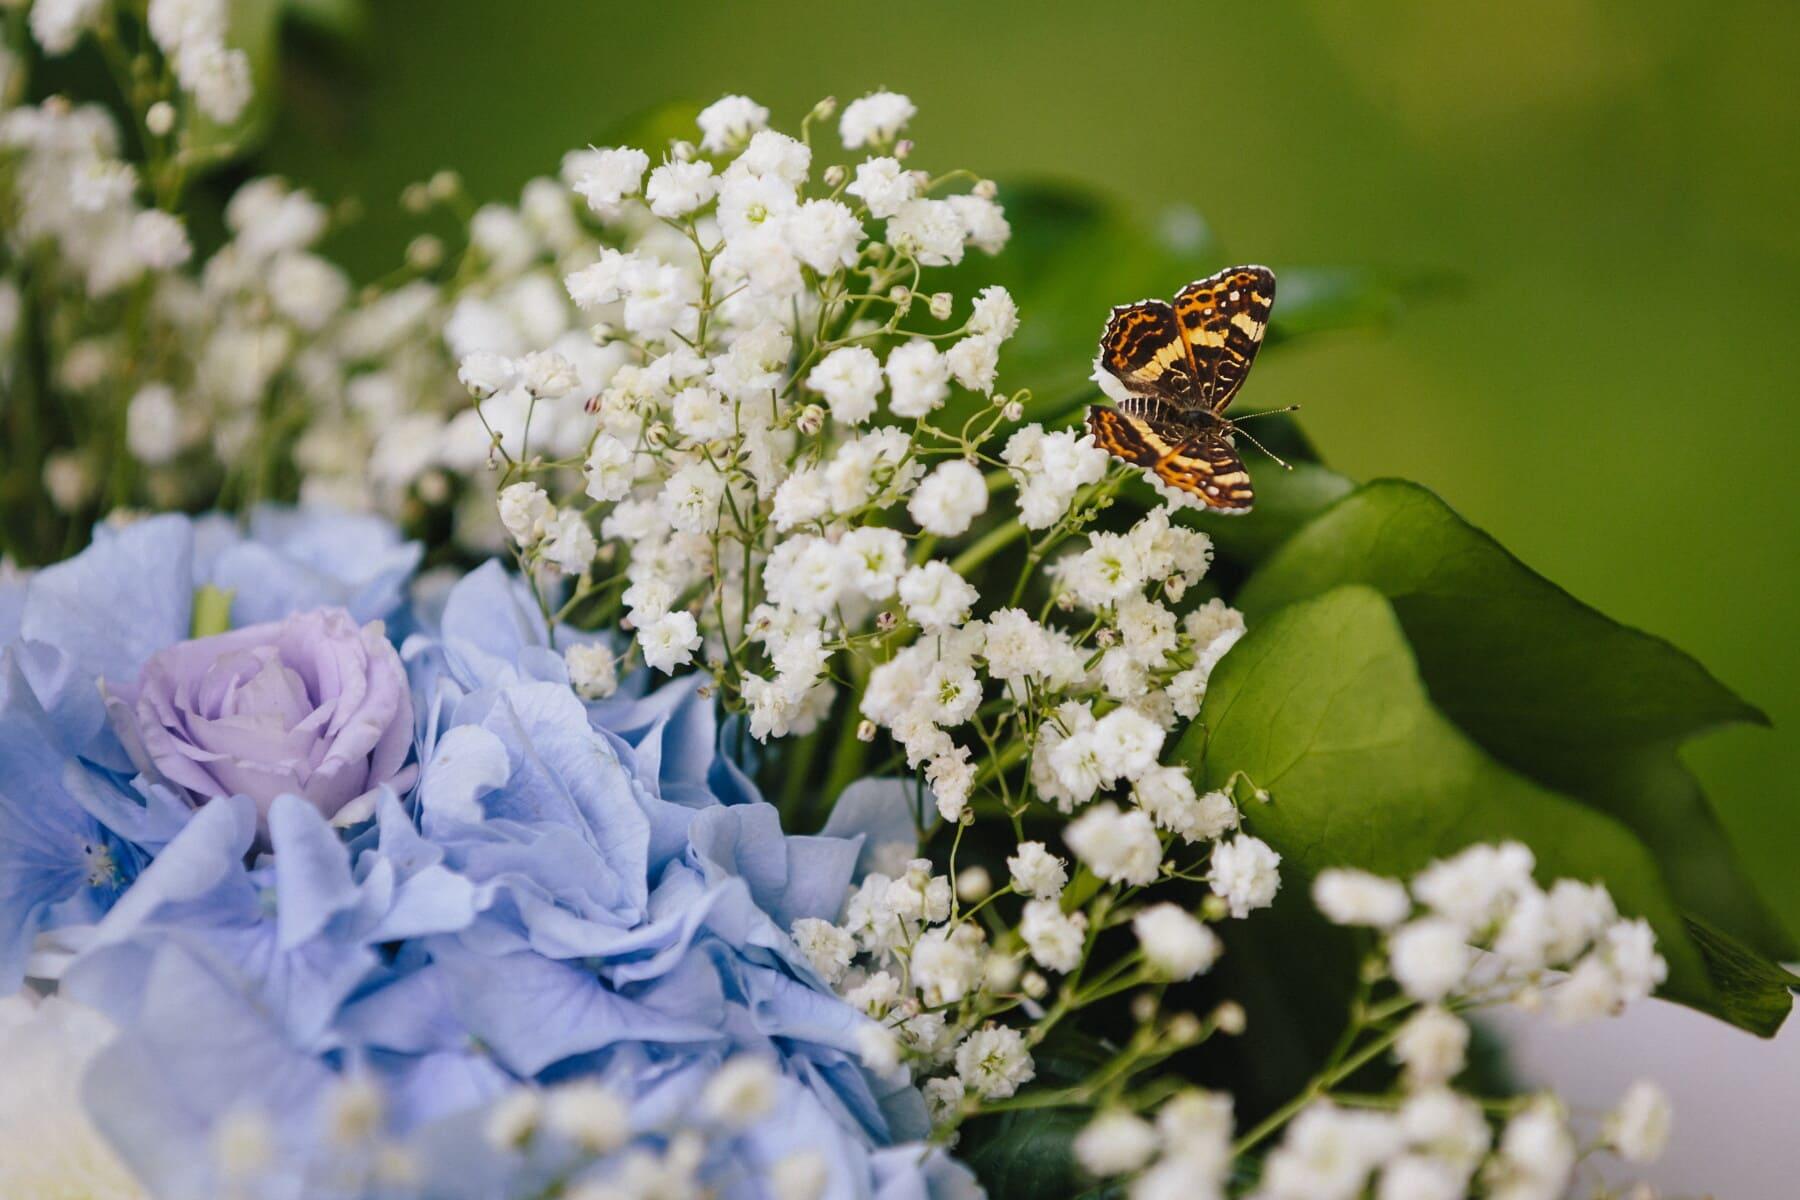 fjäril, pollinerande, fjäril blomma, lila, rosor, blomma, Anläggningen, blomma, ört, blommor